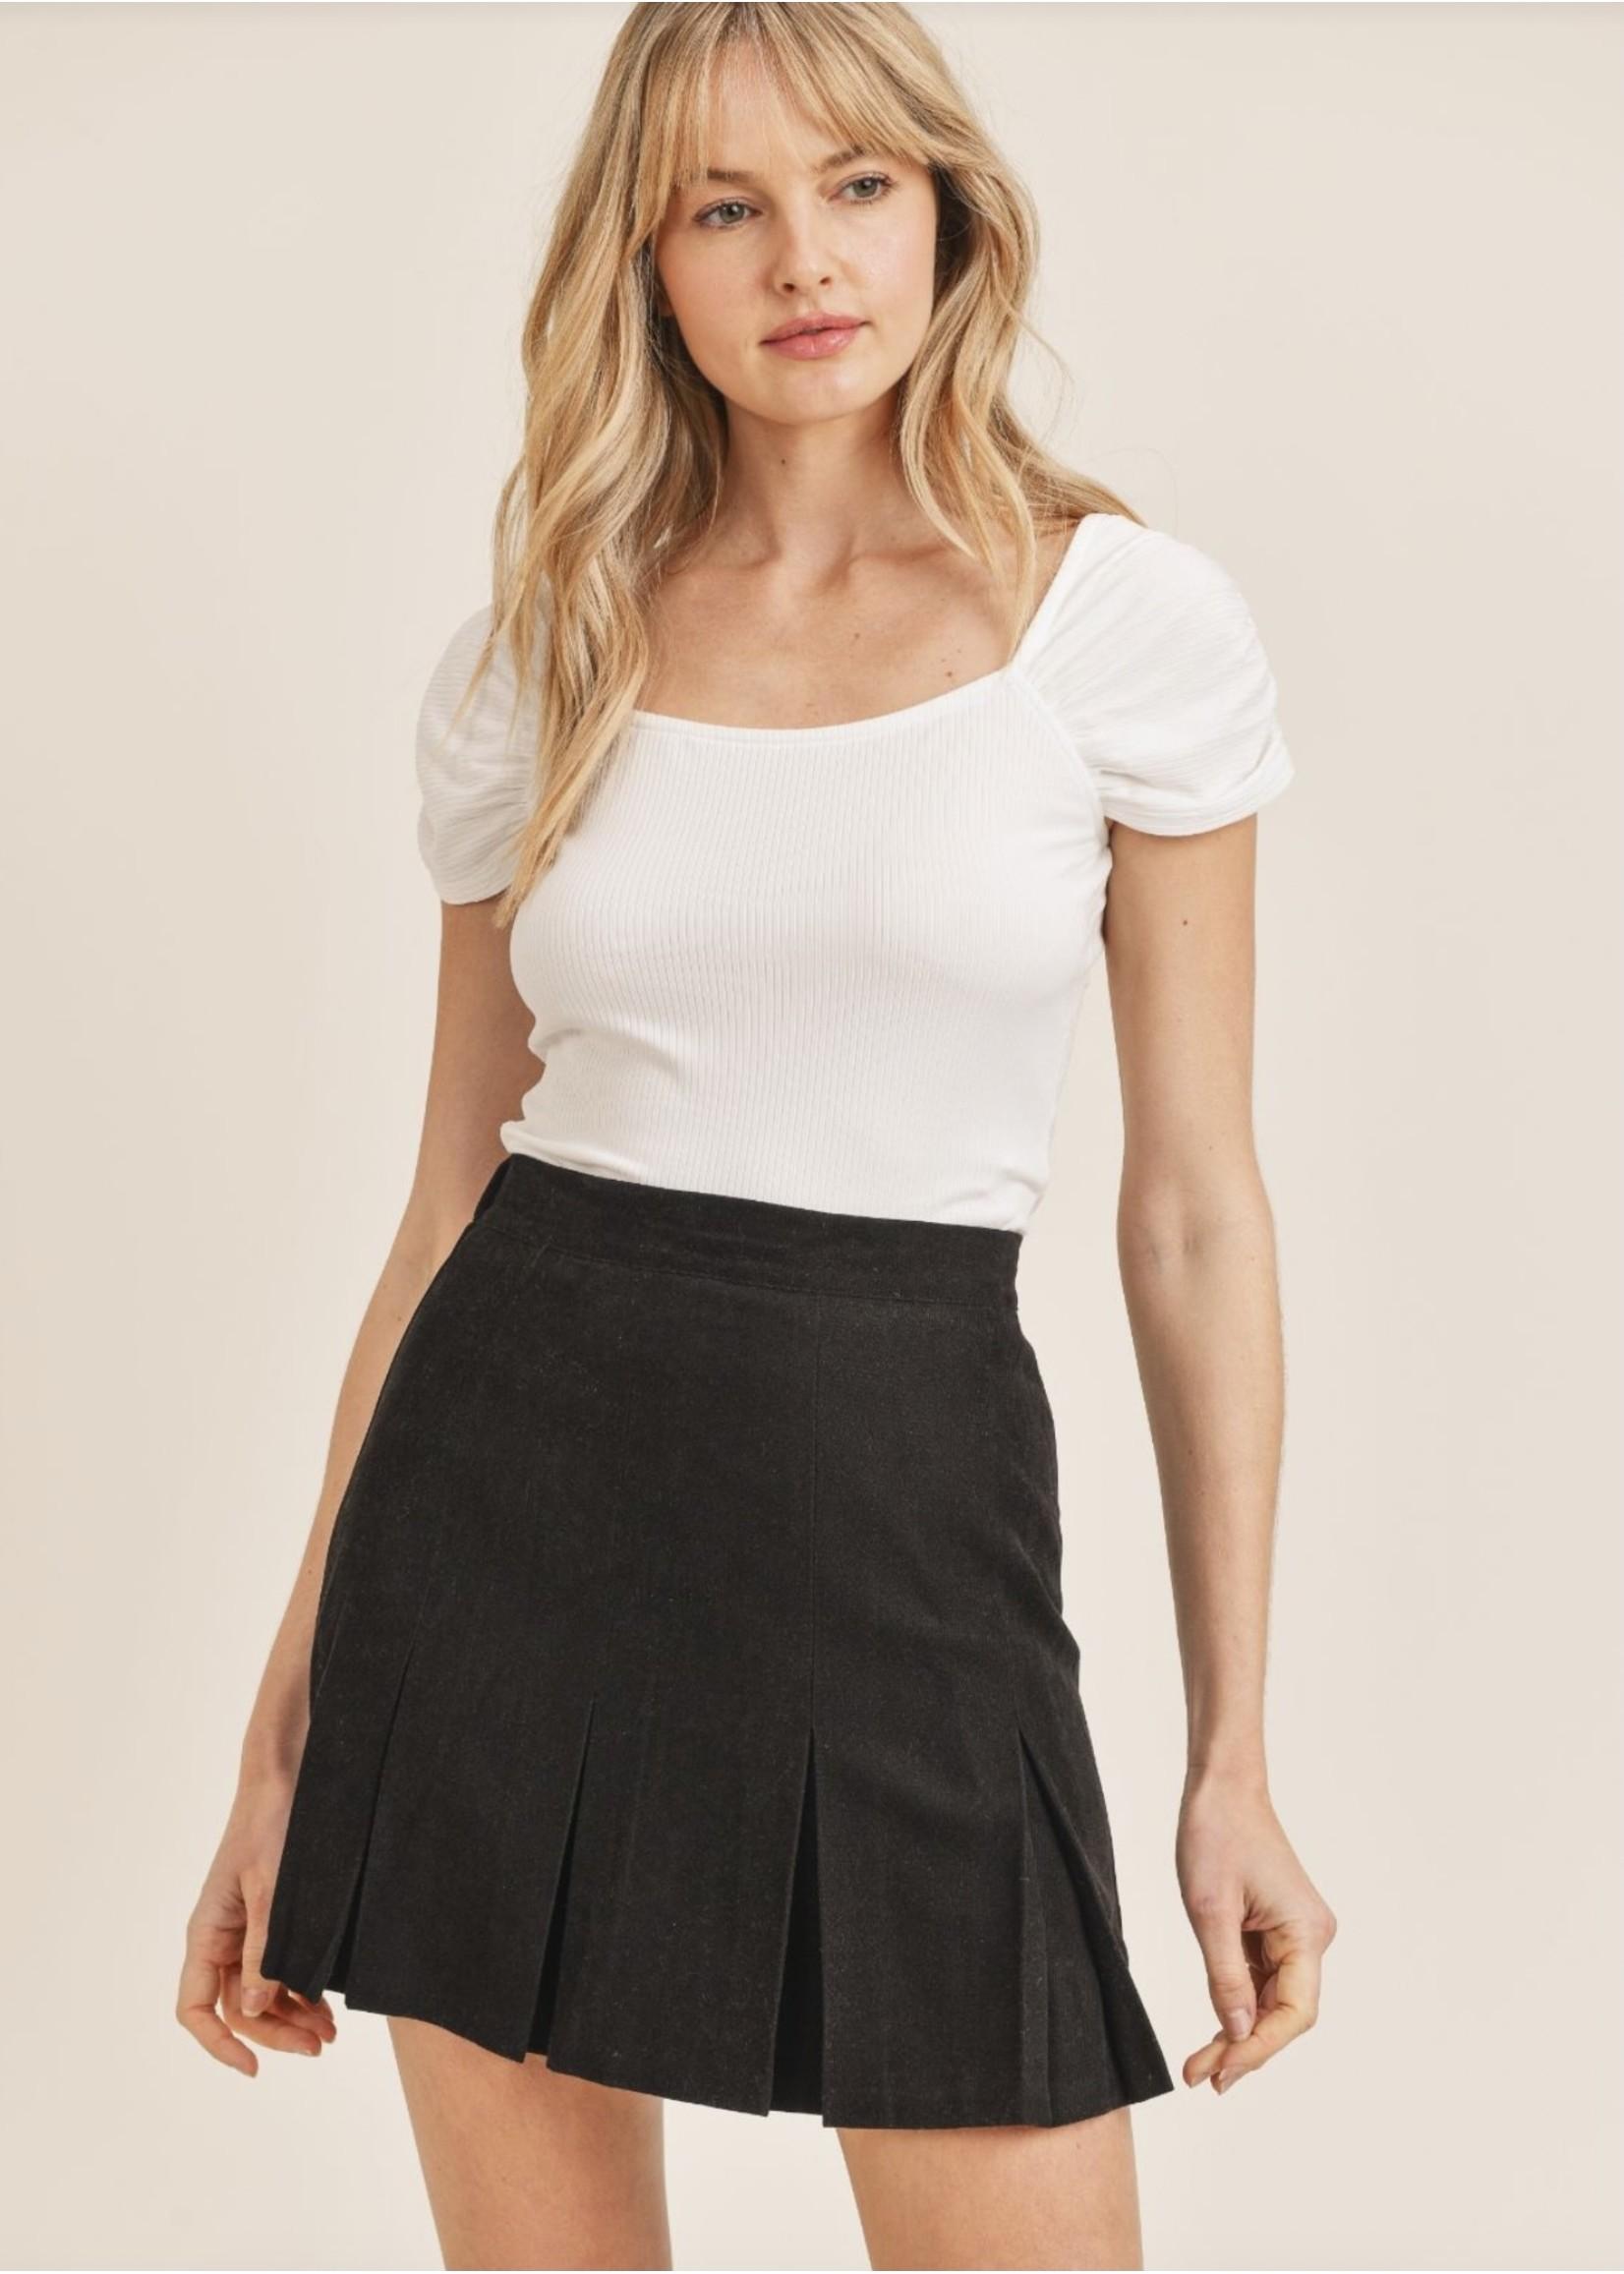 Sadie & Sage Secret Splendor Pleated Skirt - AC361448